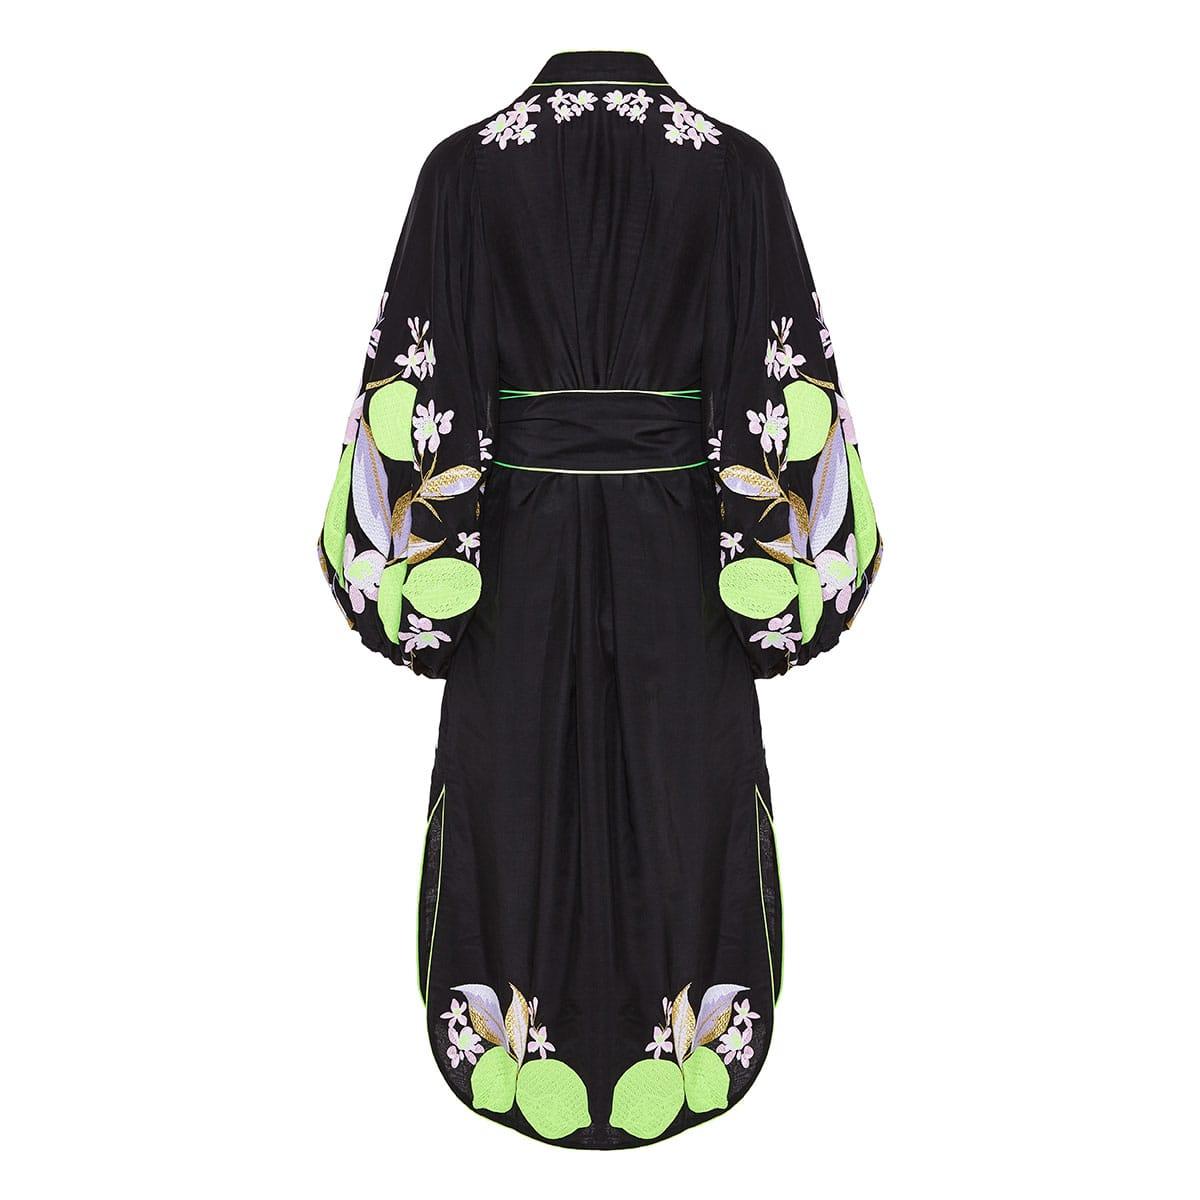 Lemons embroidered robe dress